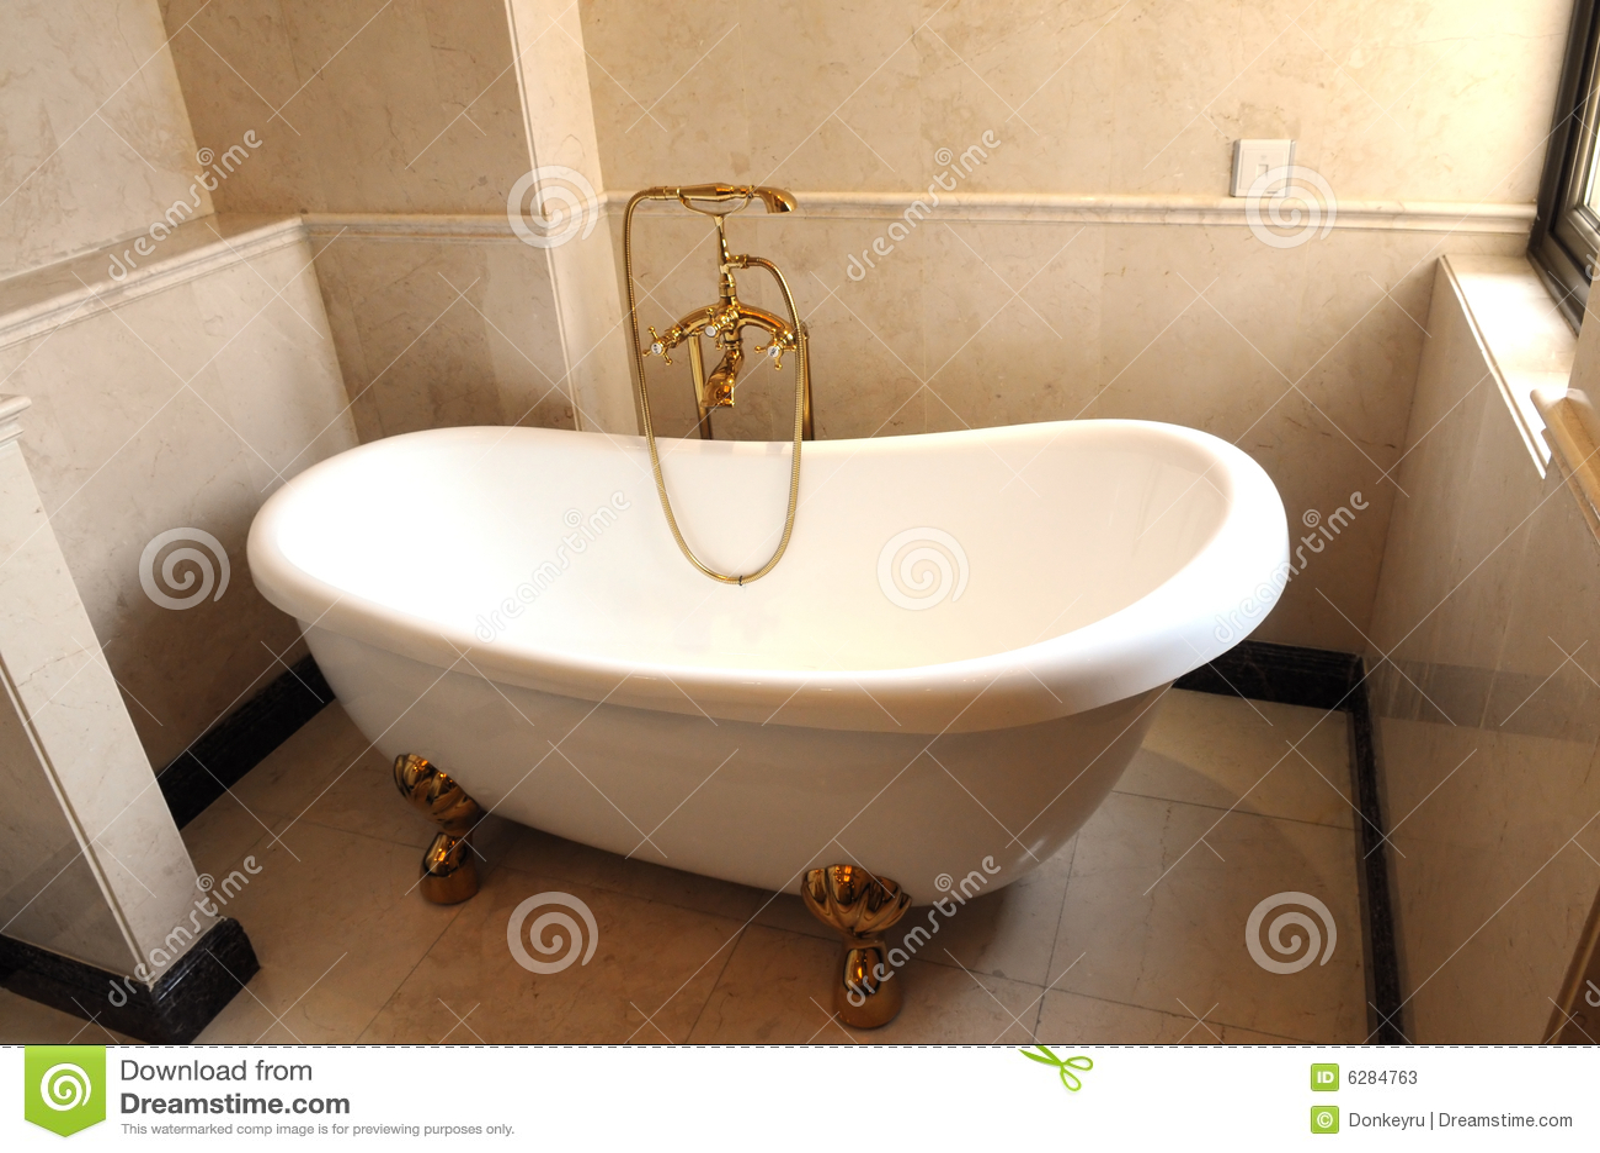 Imagenes De Baño En Tina:Porcelain Bathroom Tub